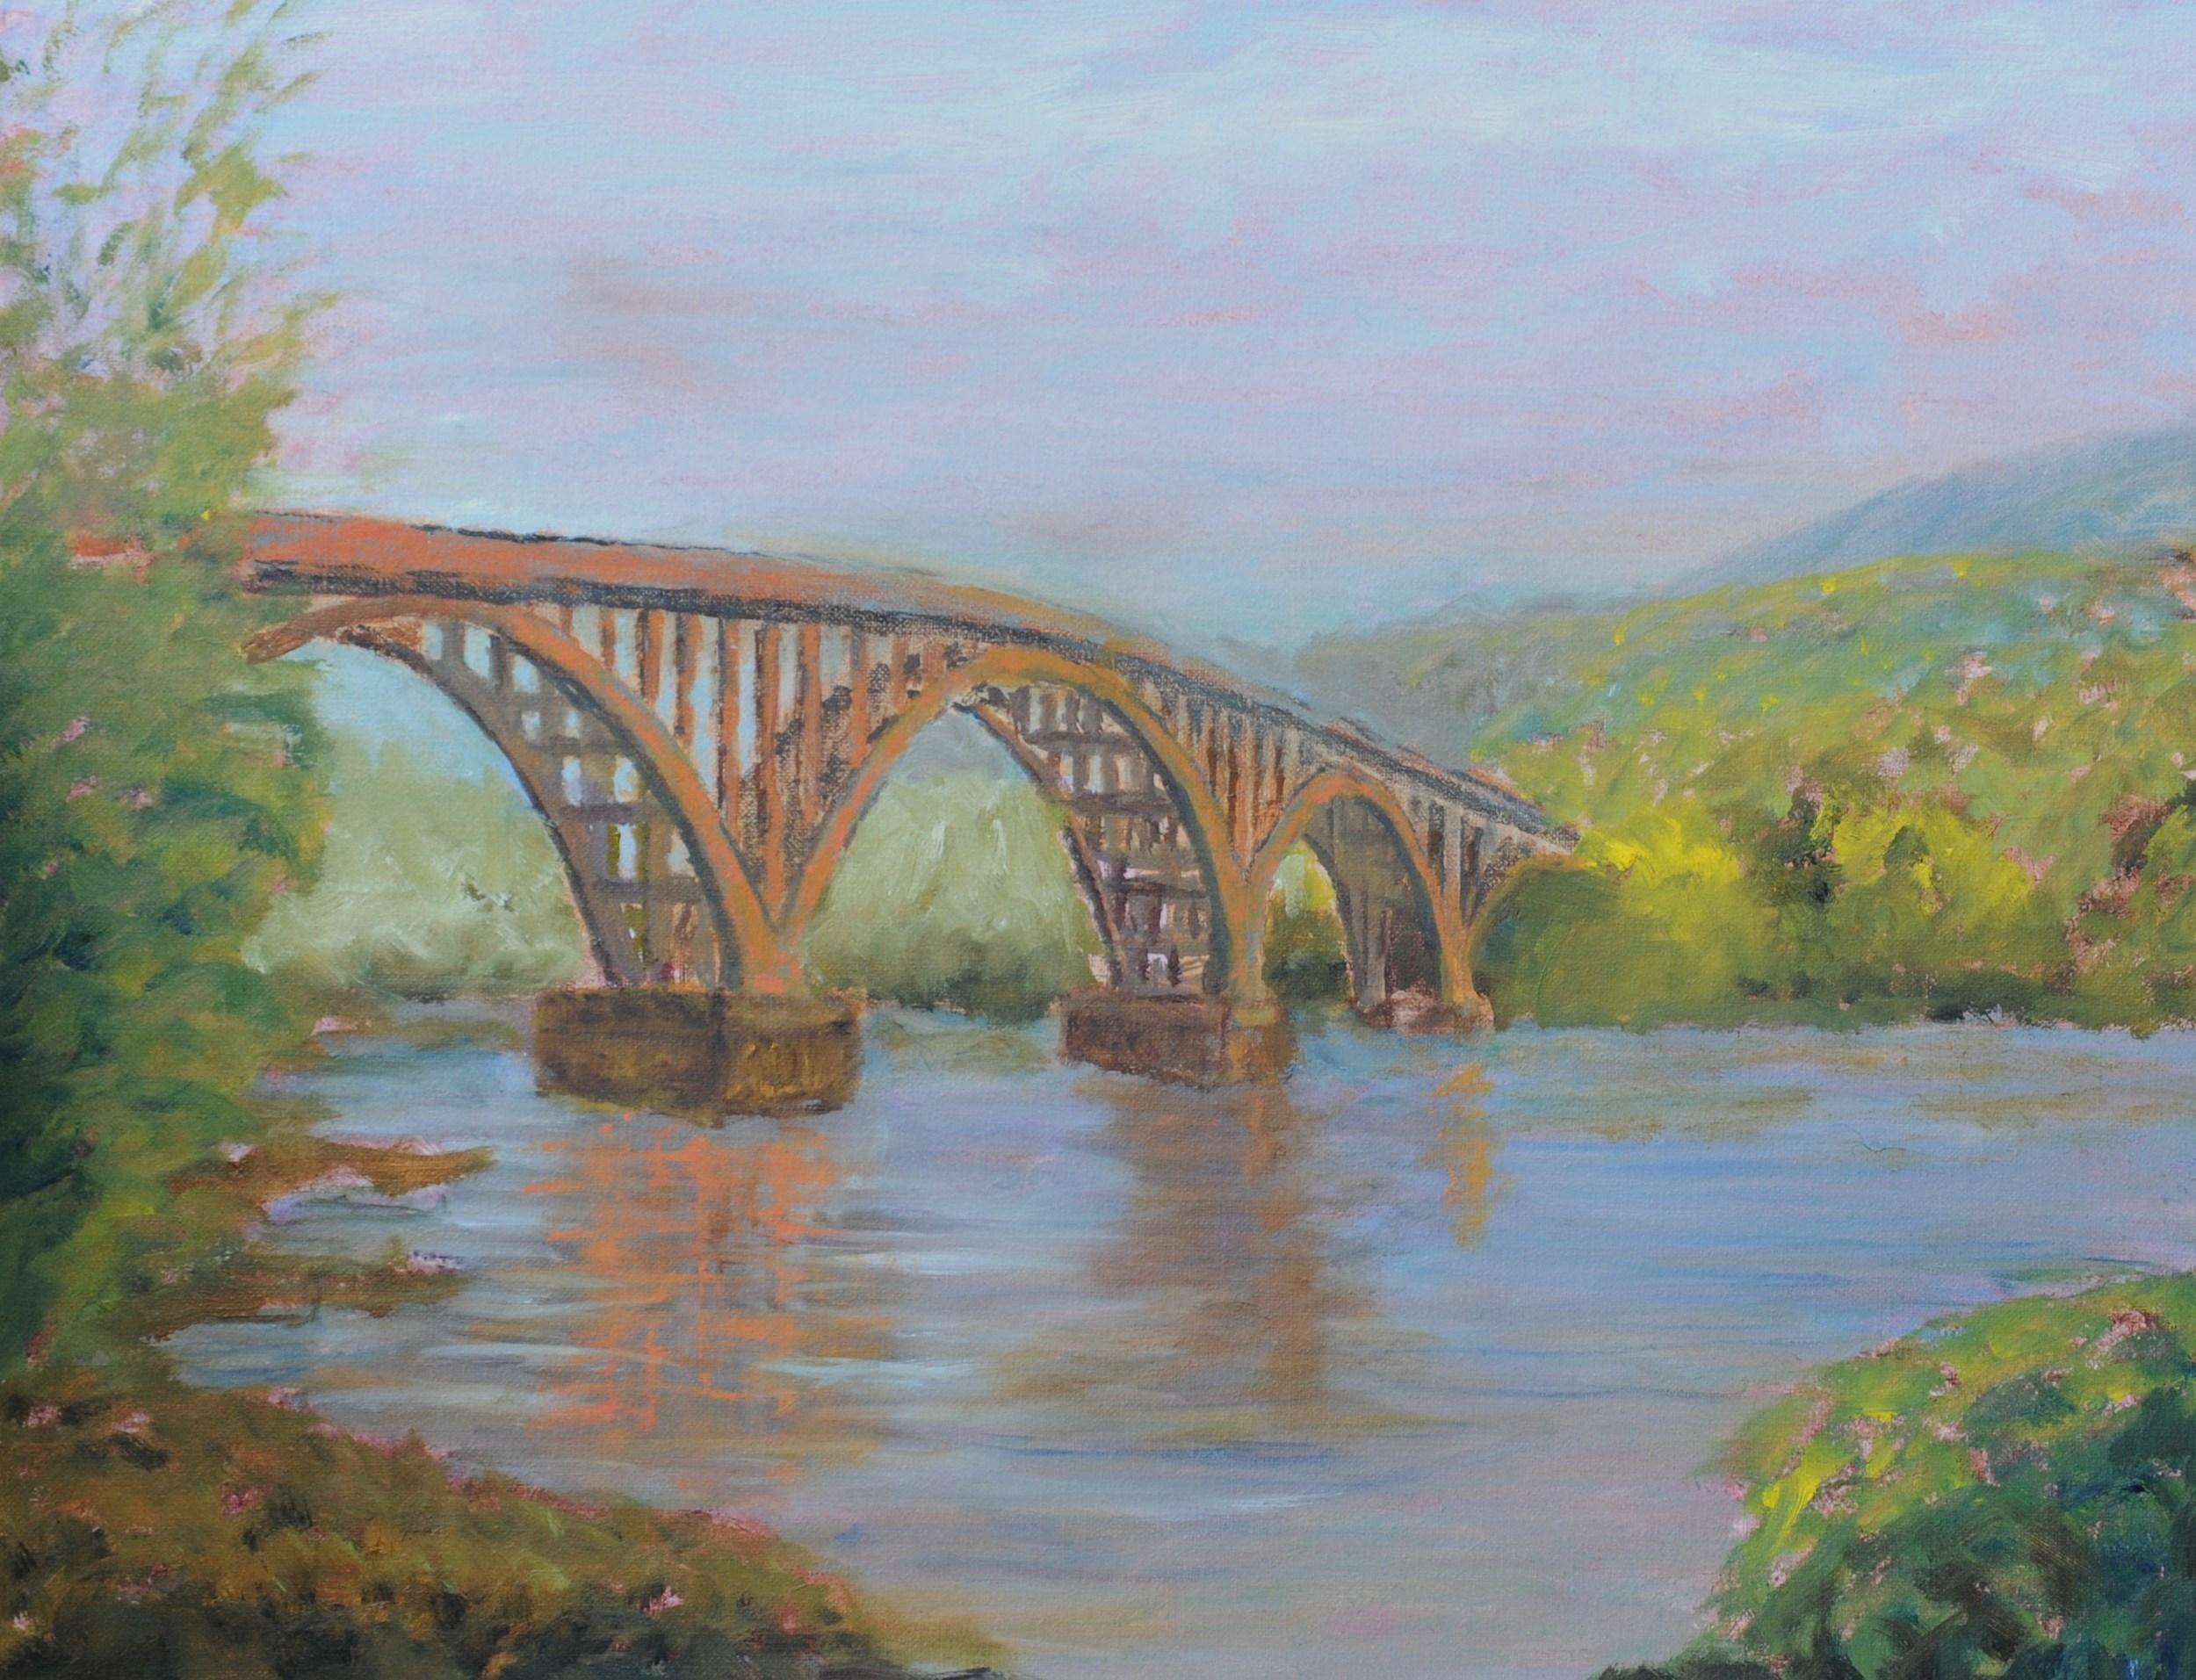 Solway Bridge